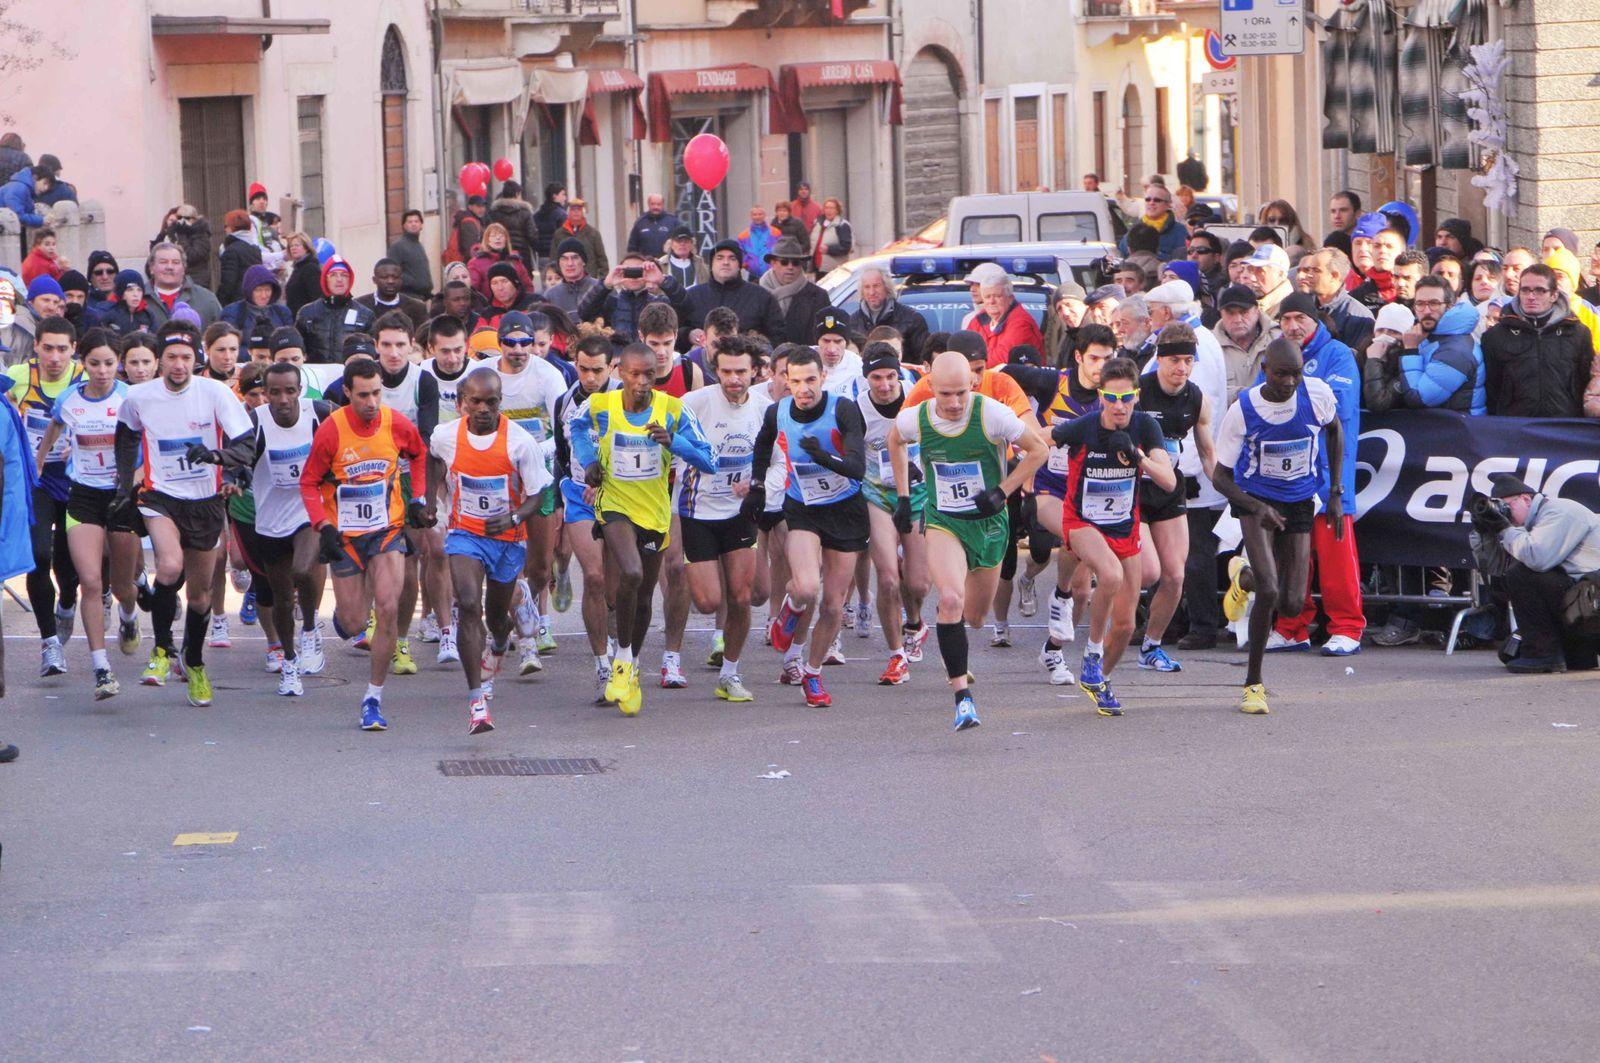 Un'immagine di una delle precedenti edizioni della Maratonina Turà alla Montefortiana